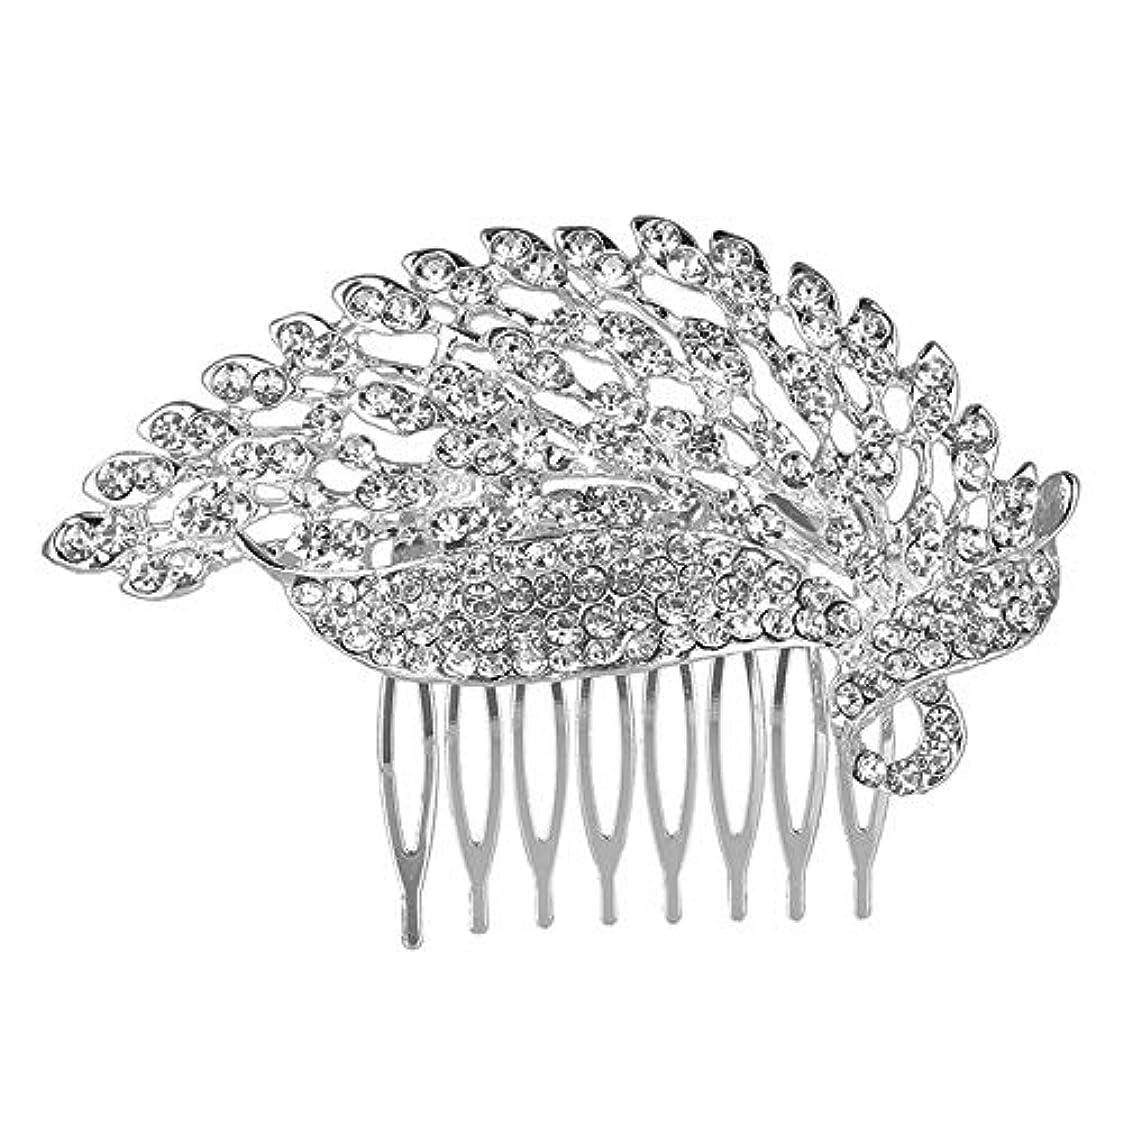 高層ビル通訳知性髪の櫛の櫛の櫛の花嫁の櫛の櫛の櫛の花嫁の頭飾りの結婚式のアクセサリー合金